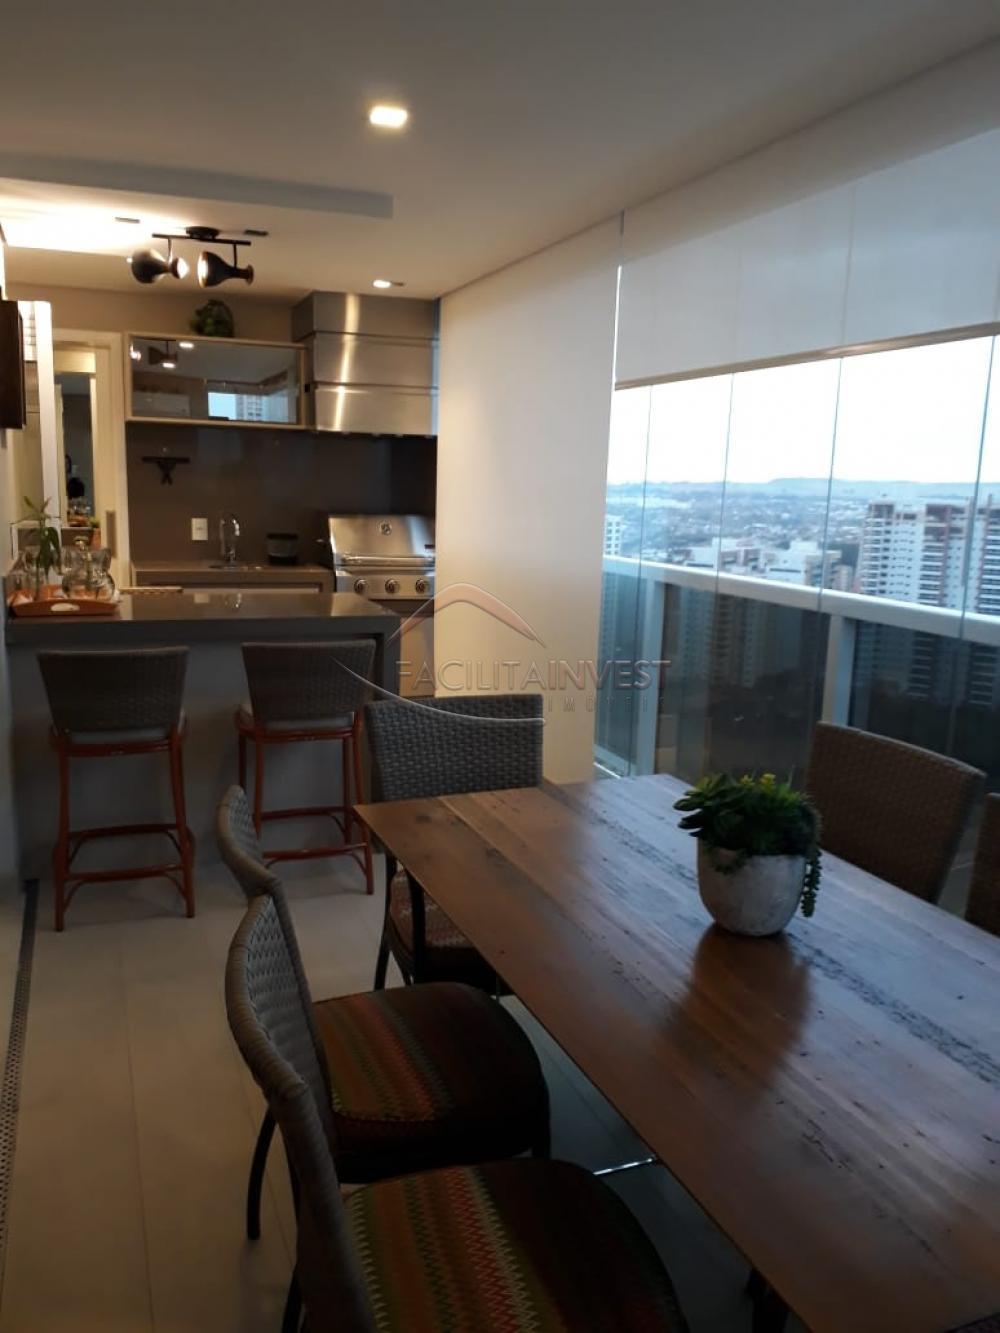 Alugar Apartamentos / Apartamento Mobiliado em Ribeirão Preto apenas R$ 6.000,00 - Foto 15